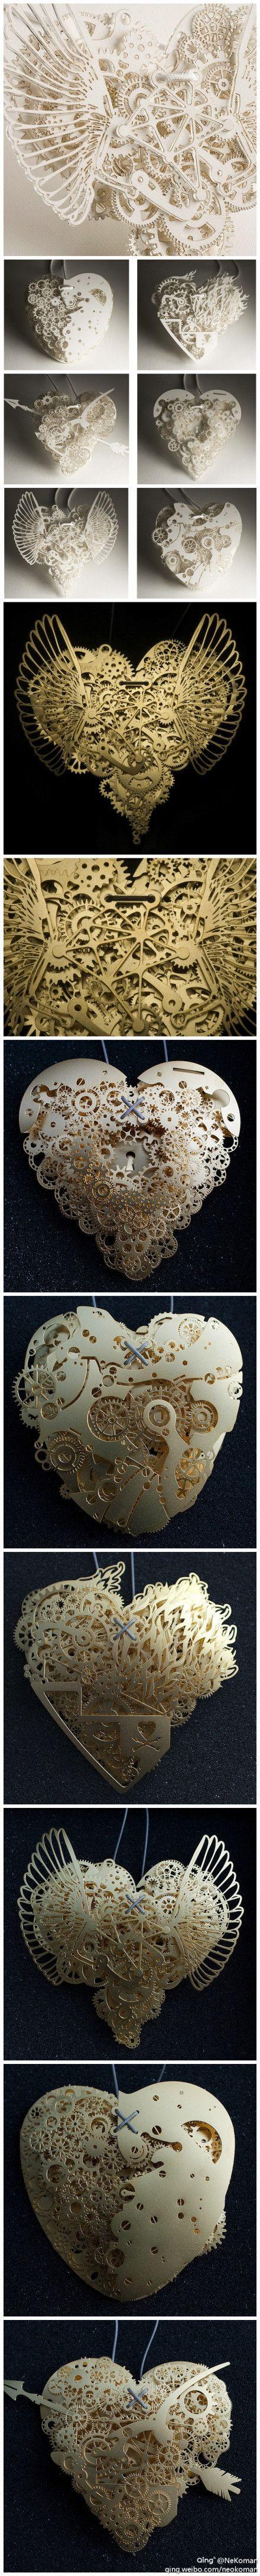 Tutorial origami, the art of ... mechanical heart, paper sculpture art!